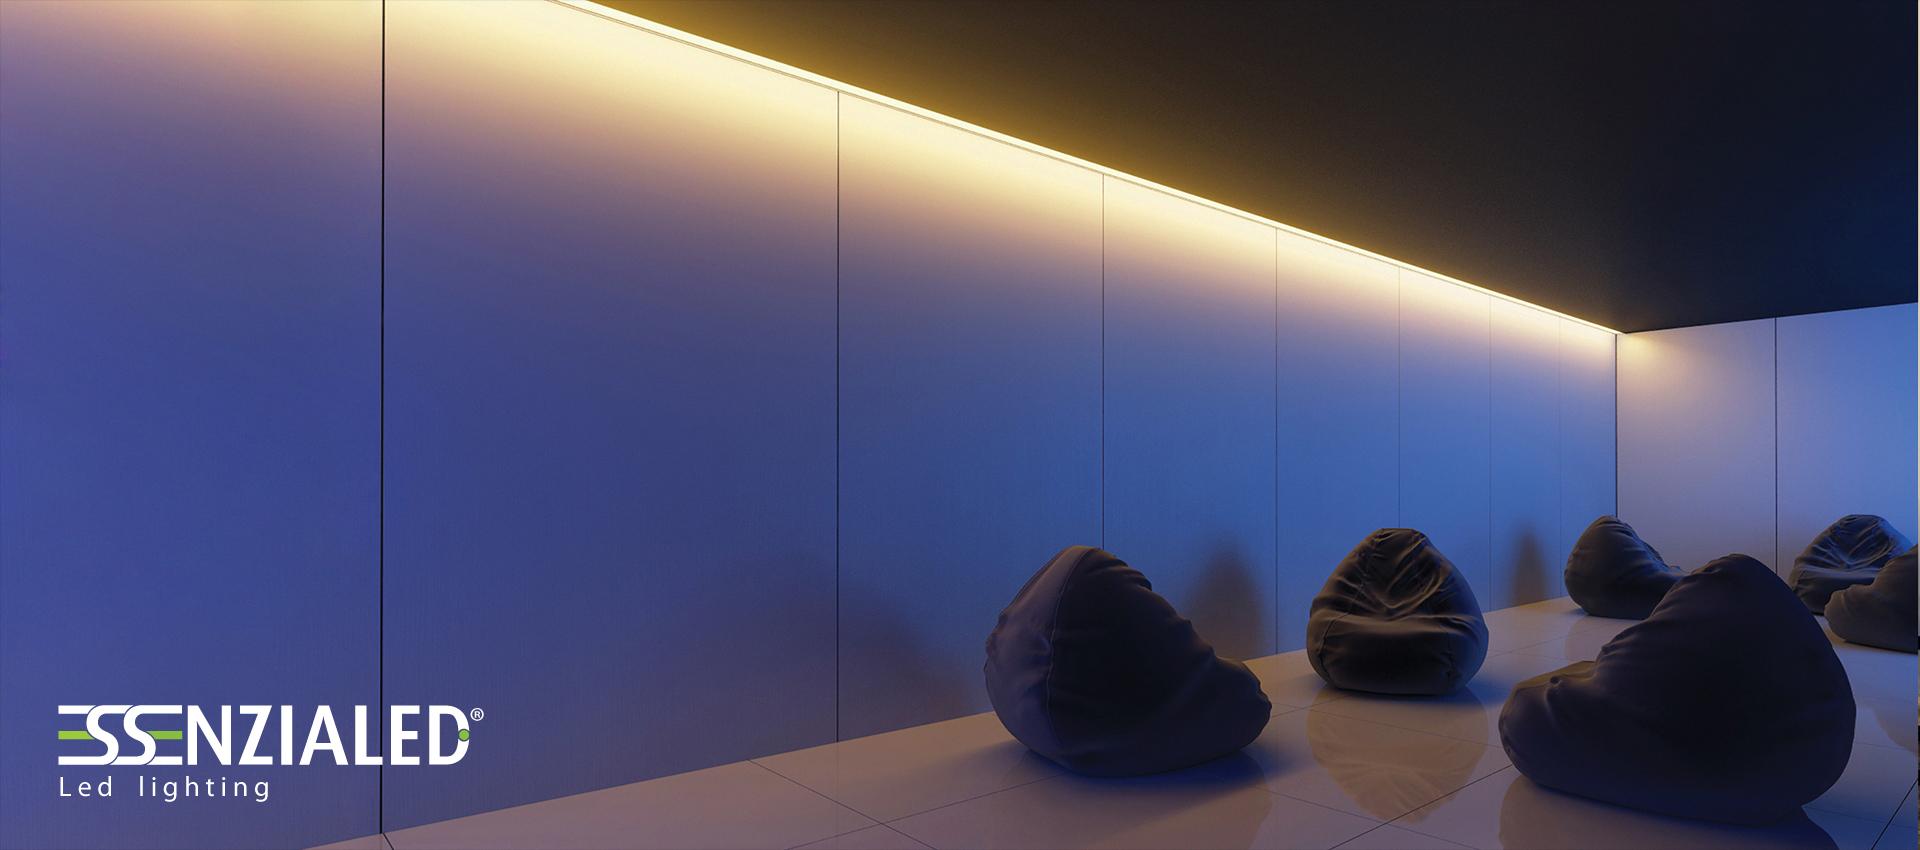 Illuminazione per hotel a led realizzata su for Illuminazione a led per casa